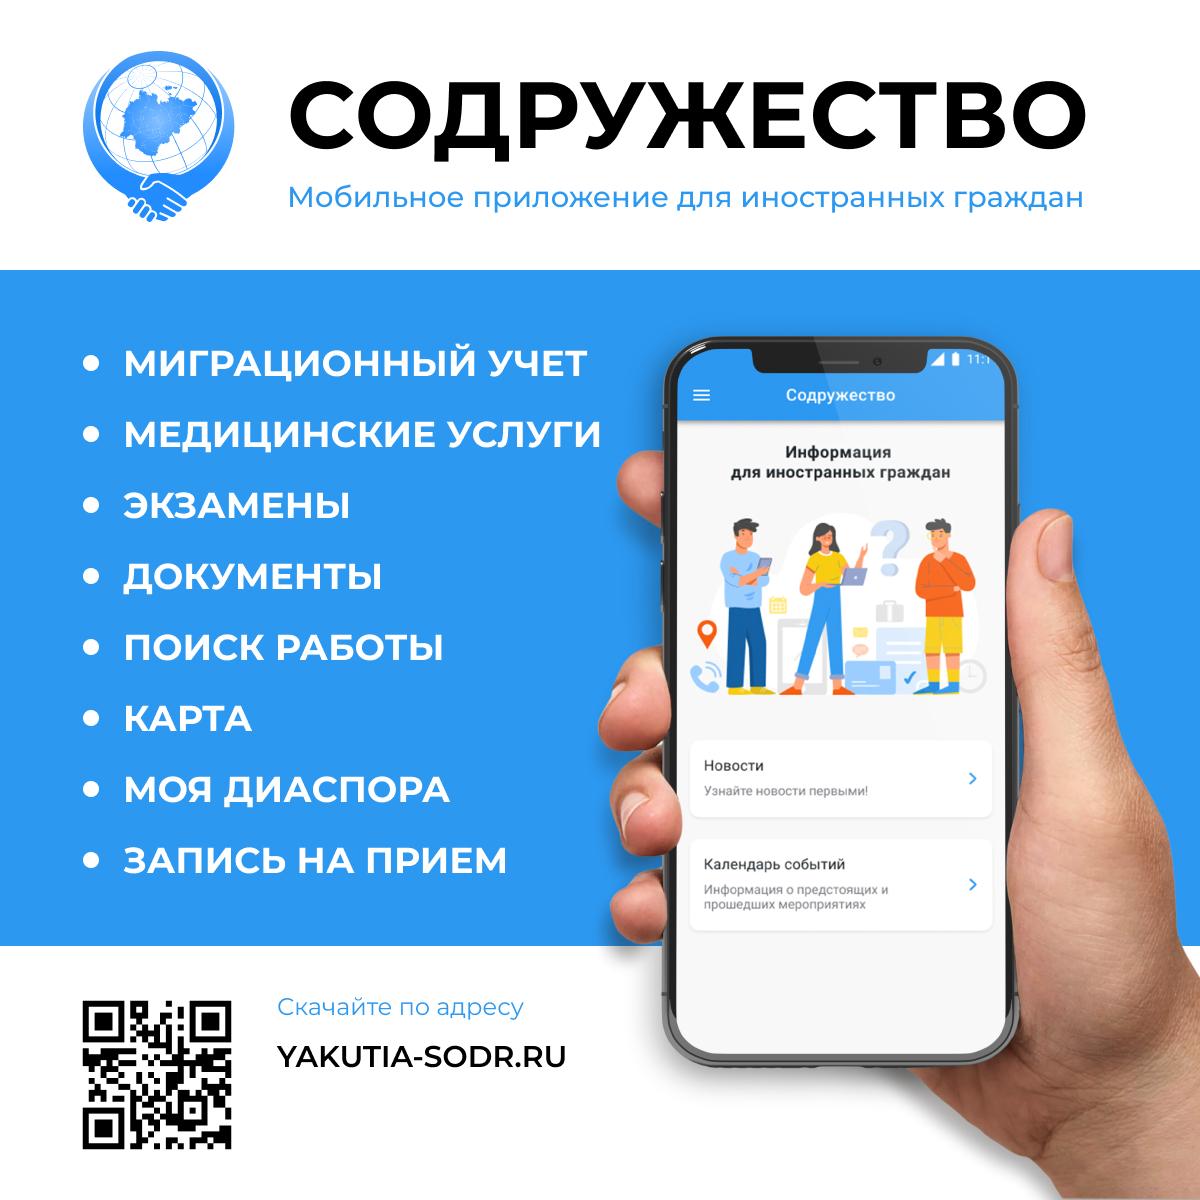 Якутское мобильное приложение для иностранных граждан предлагают использовать на всей территории Российской Федерации